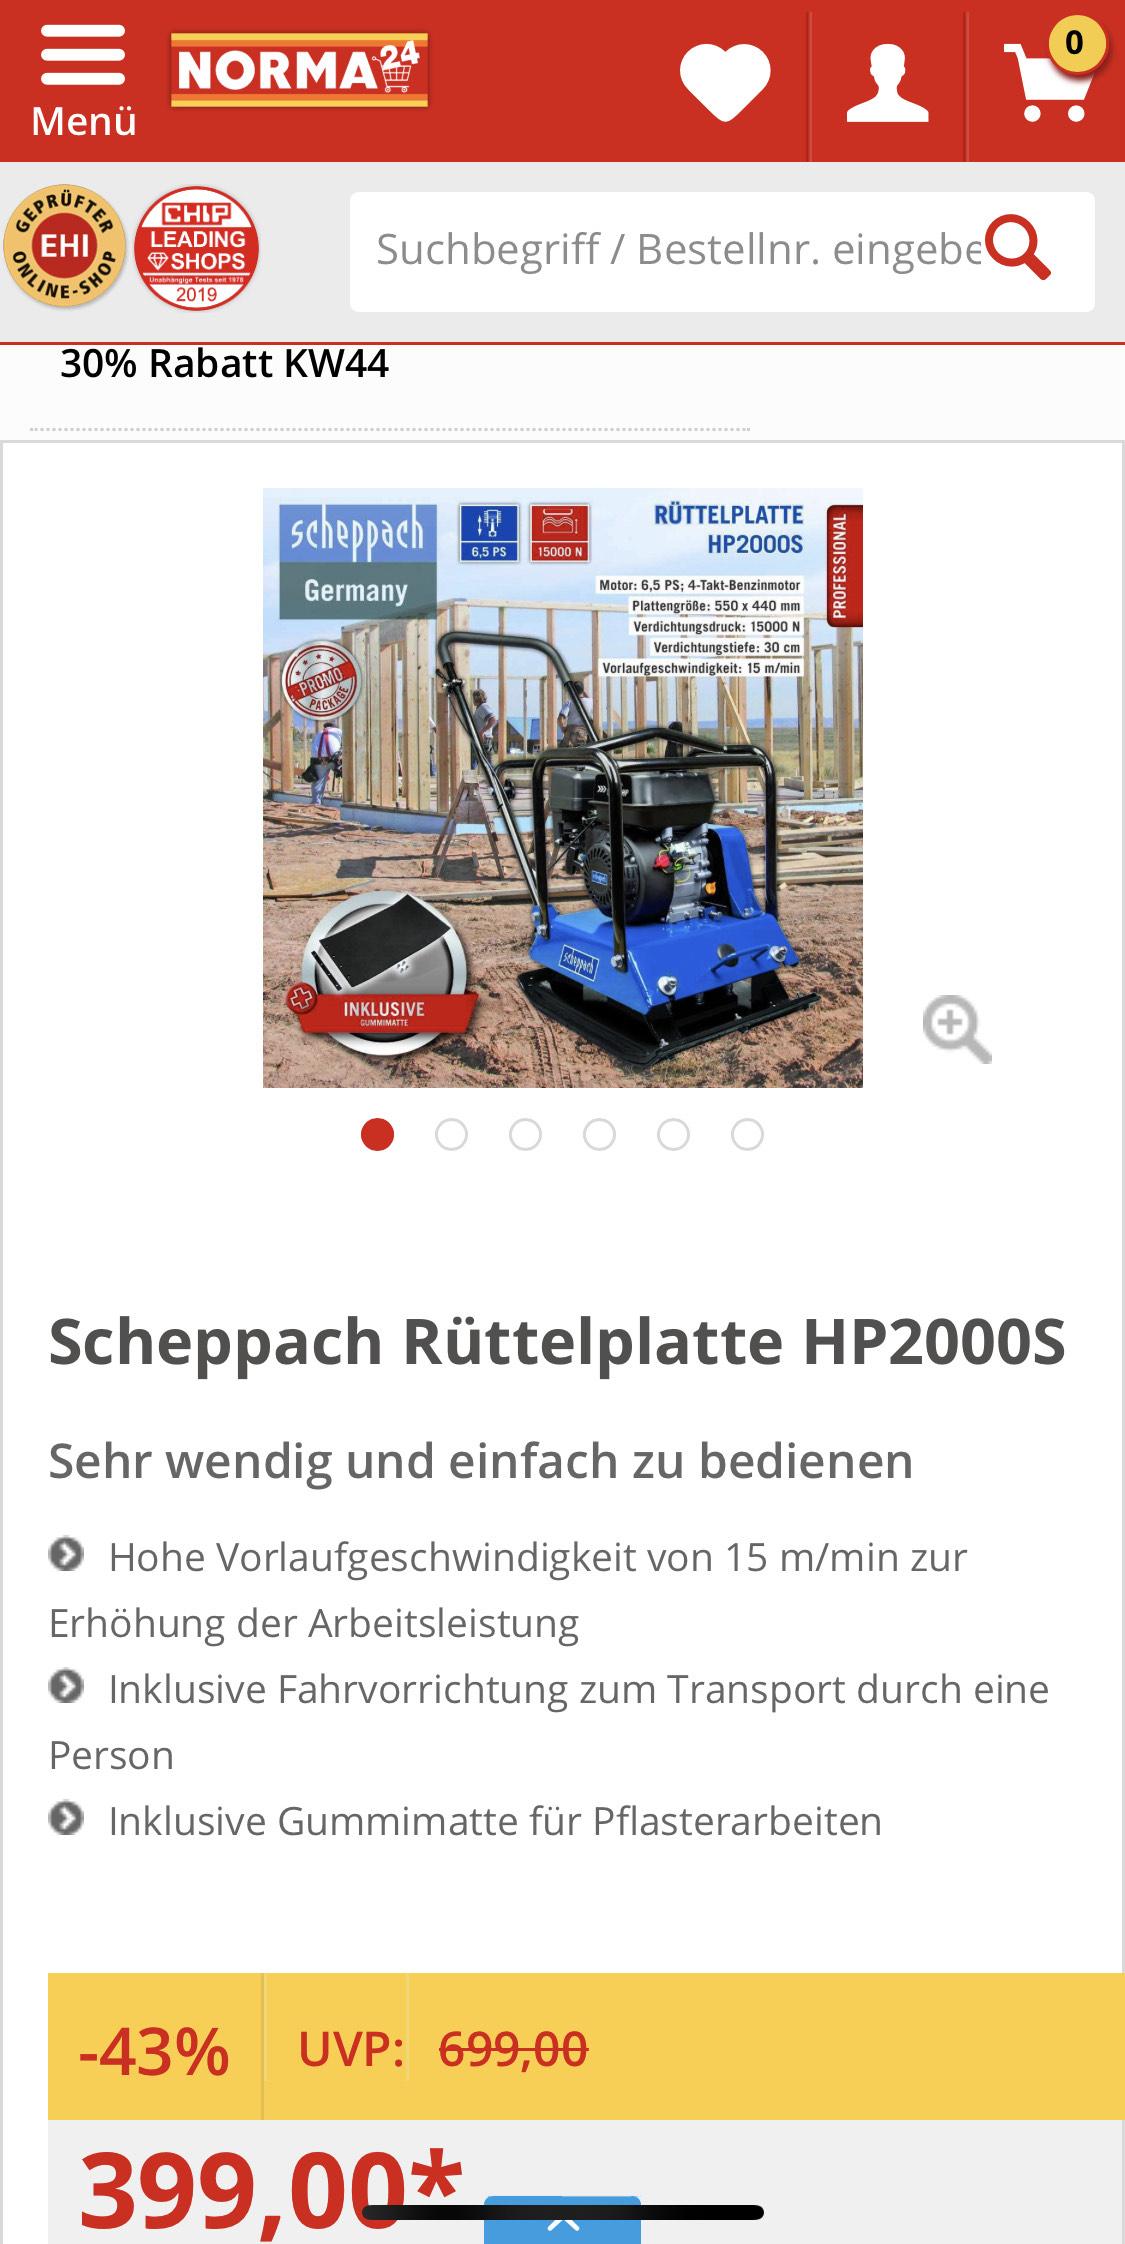 Scheppach Rüttelplatte HP2000S - Statt 433,95 nur 314,25